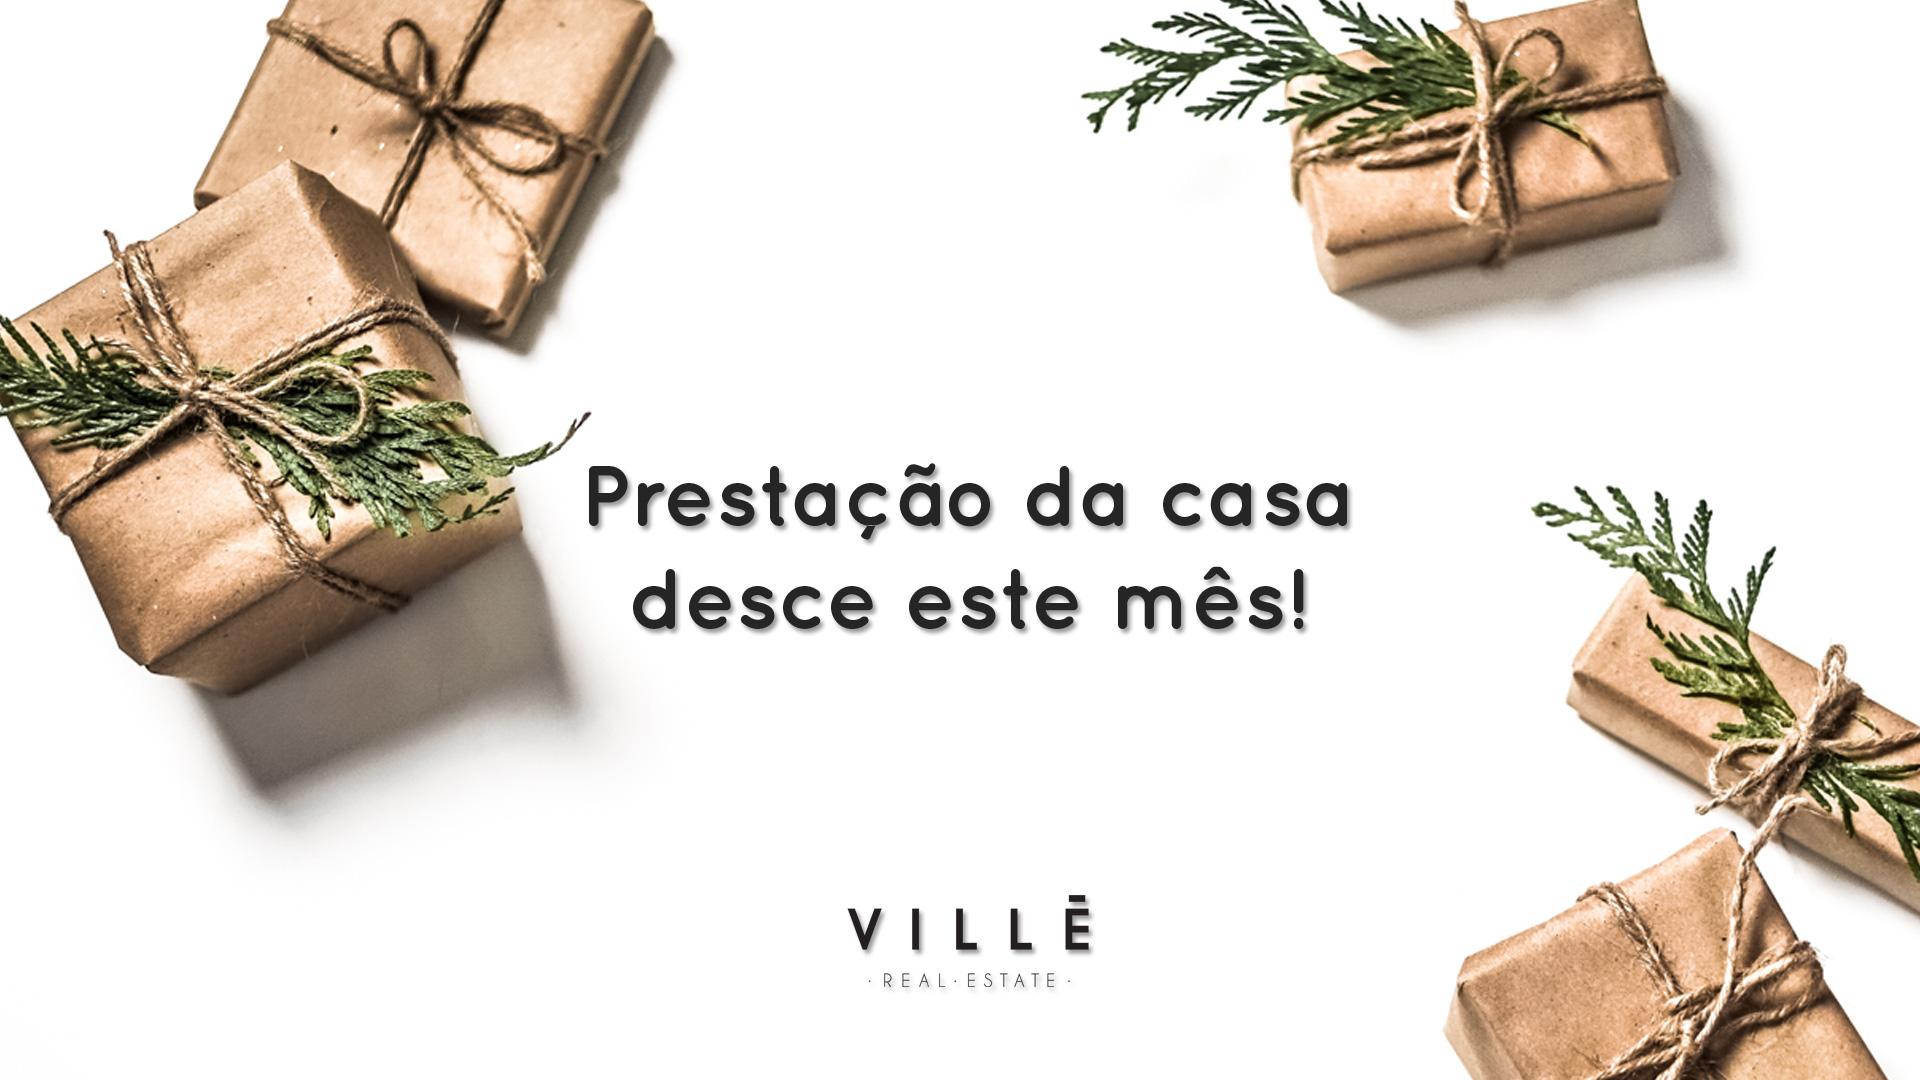 Prestação da casa desce este mês para a maioria dos portugueses